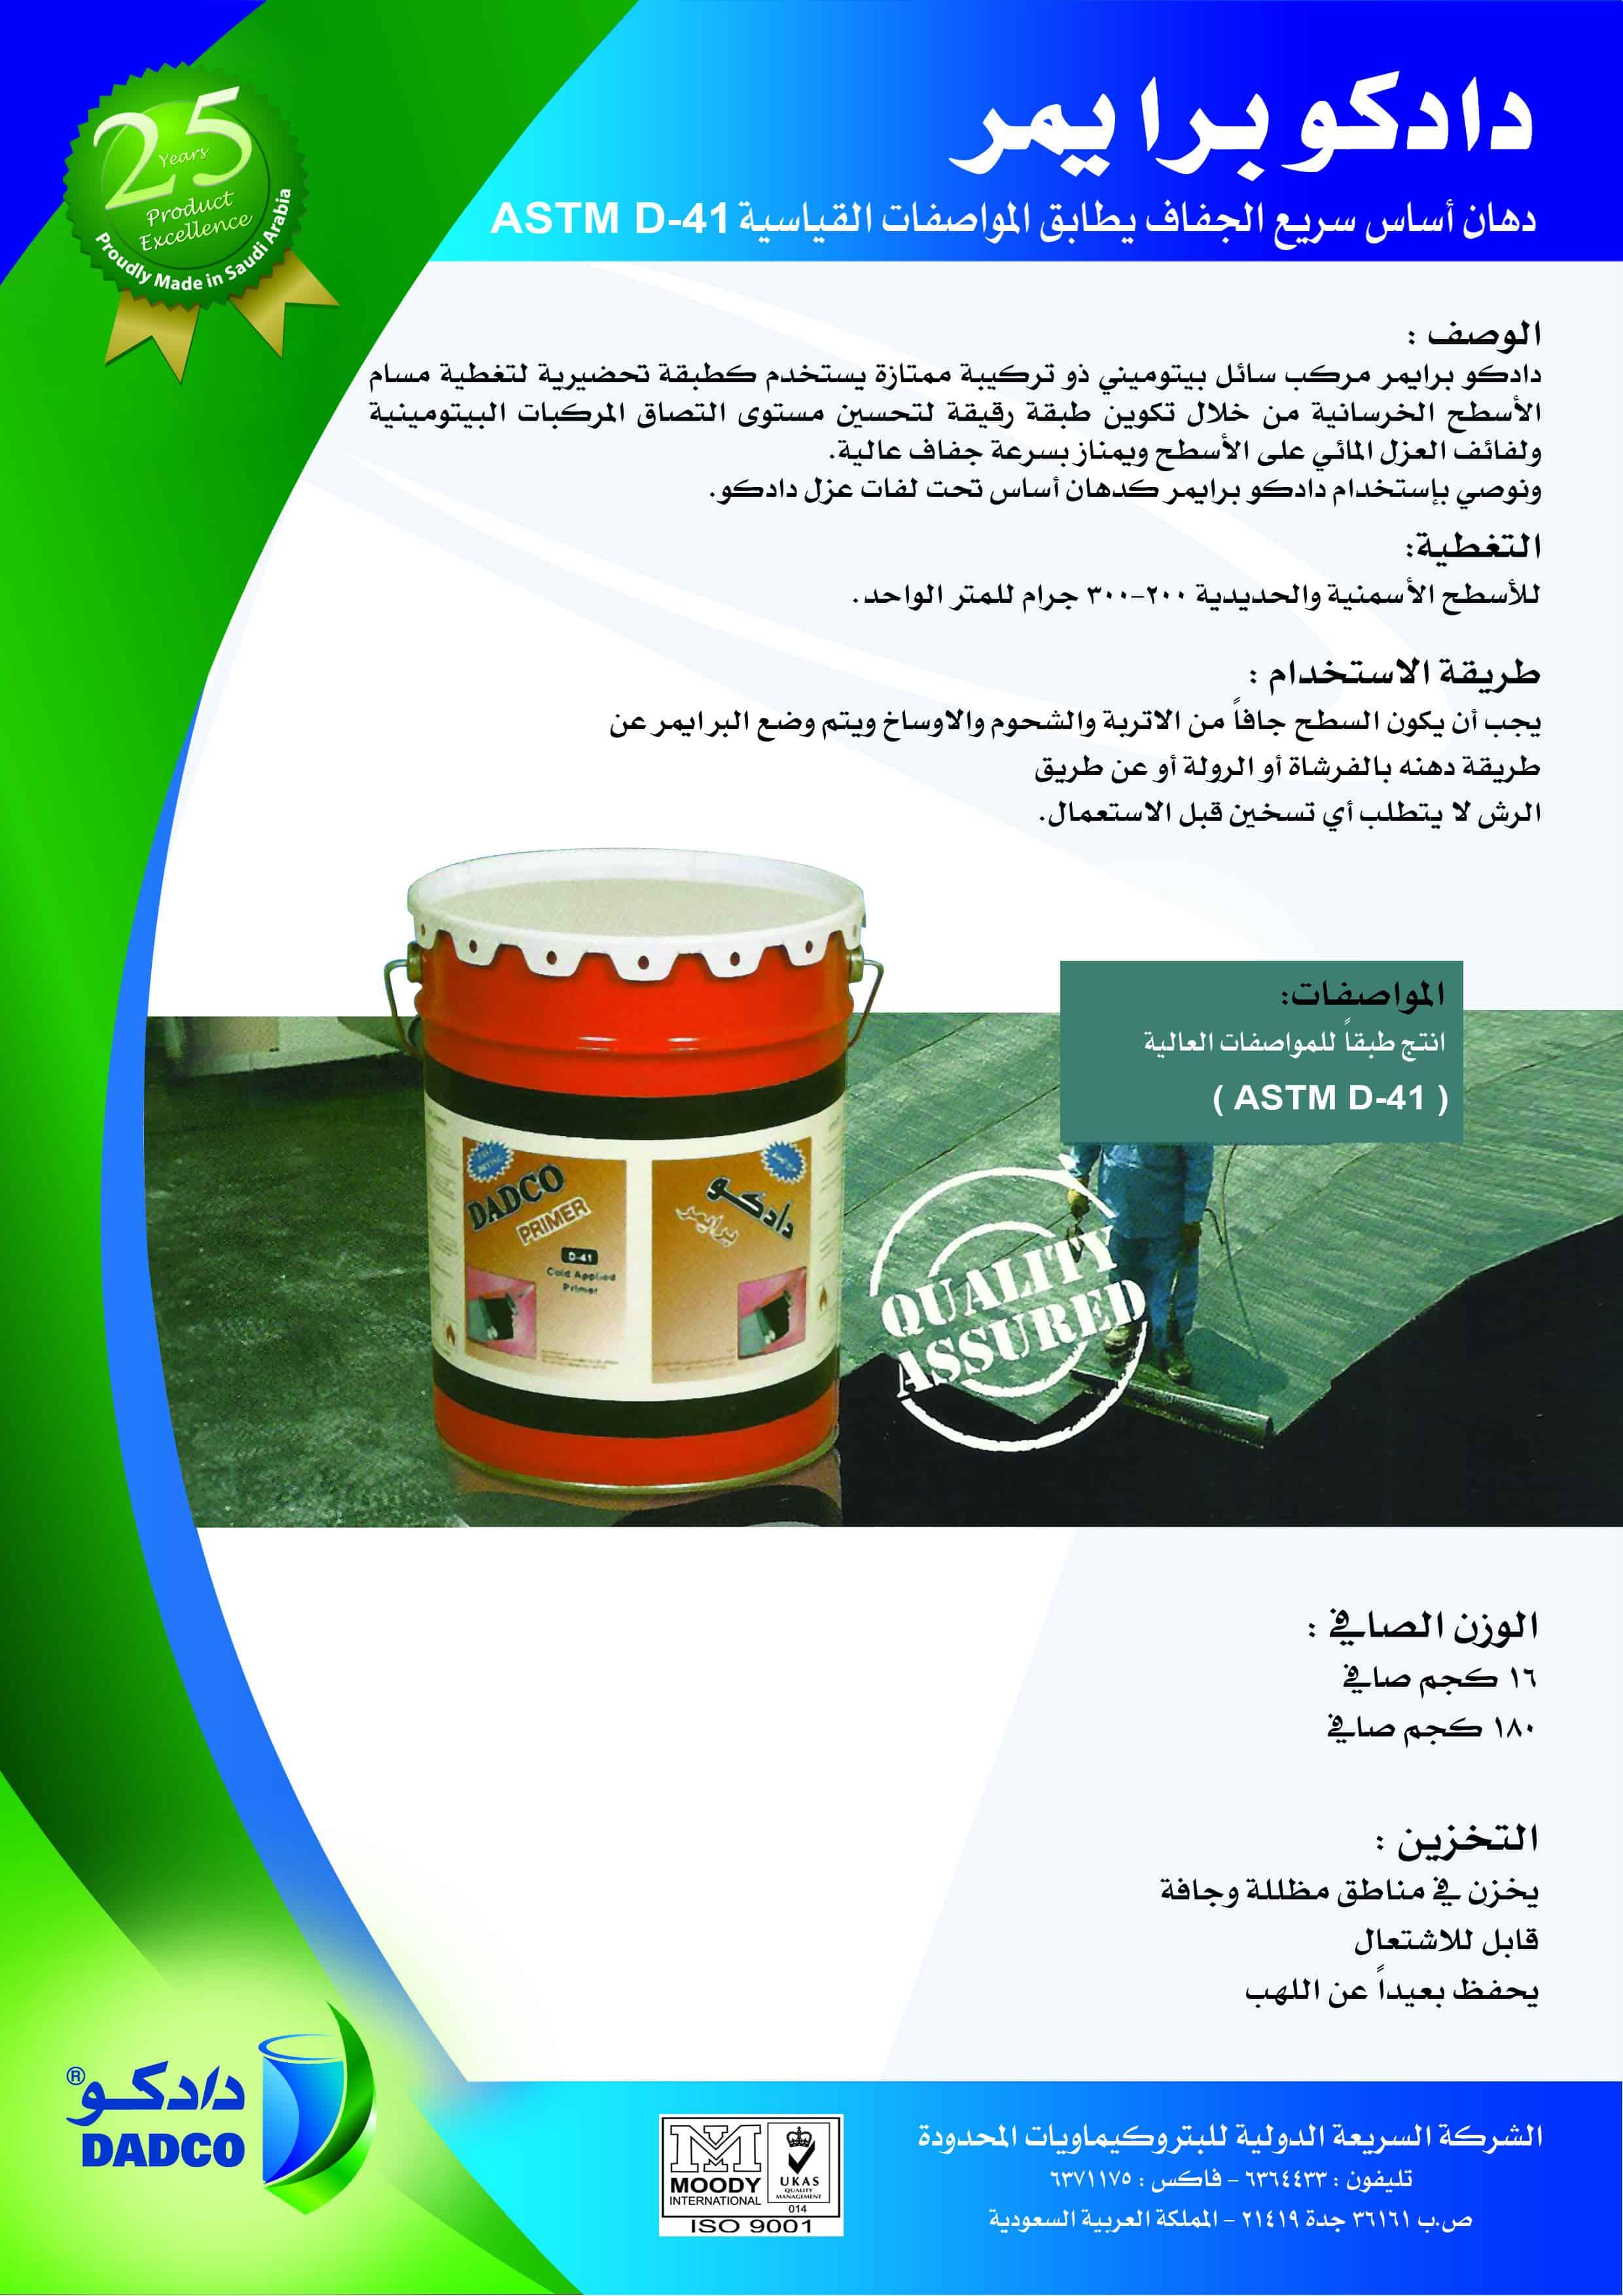 دادكو برايمر التصميم النهائي - عربي